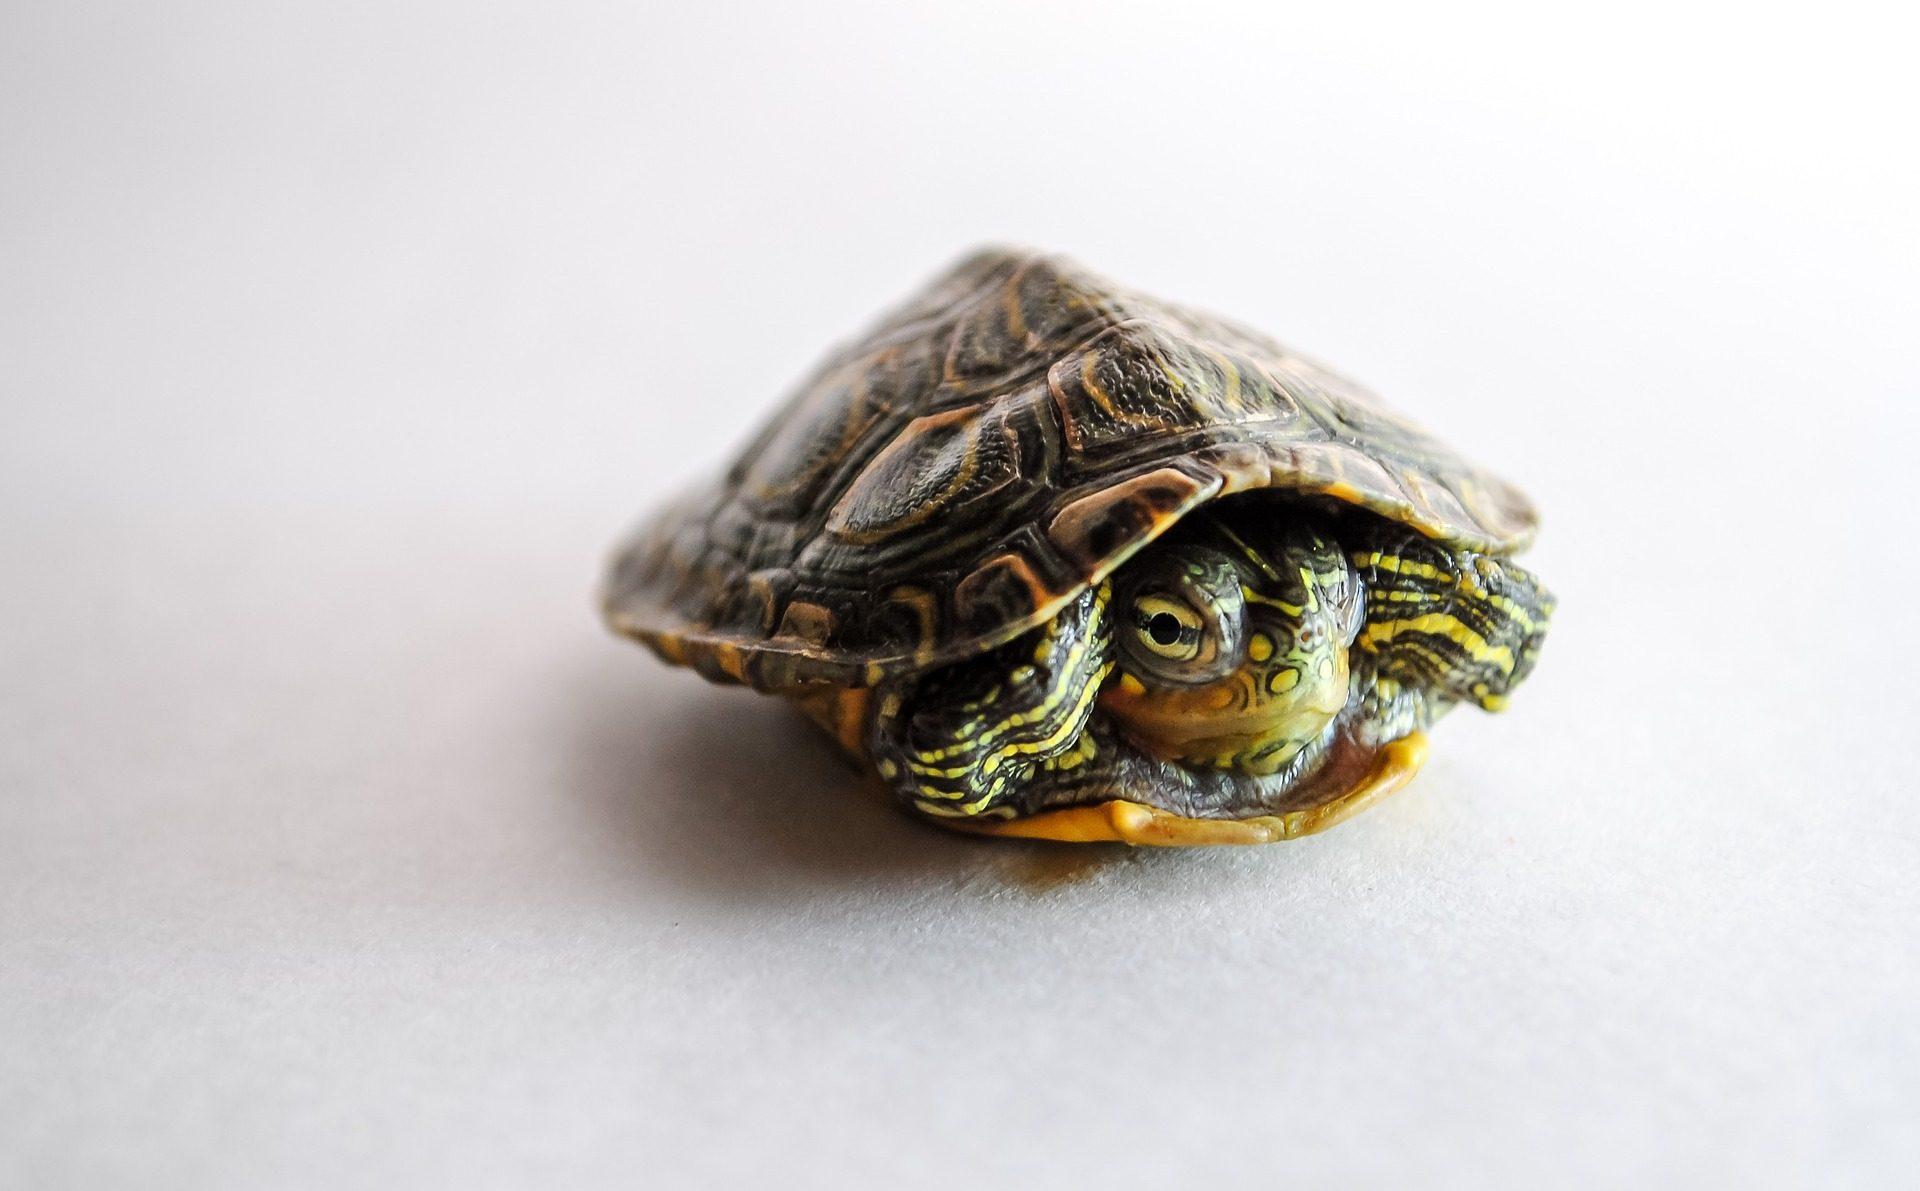 海龟, 壳, 隐藏, 害怕, 爬行动物 - 高清壁纸 - 教授-falken.com